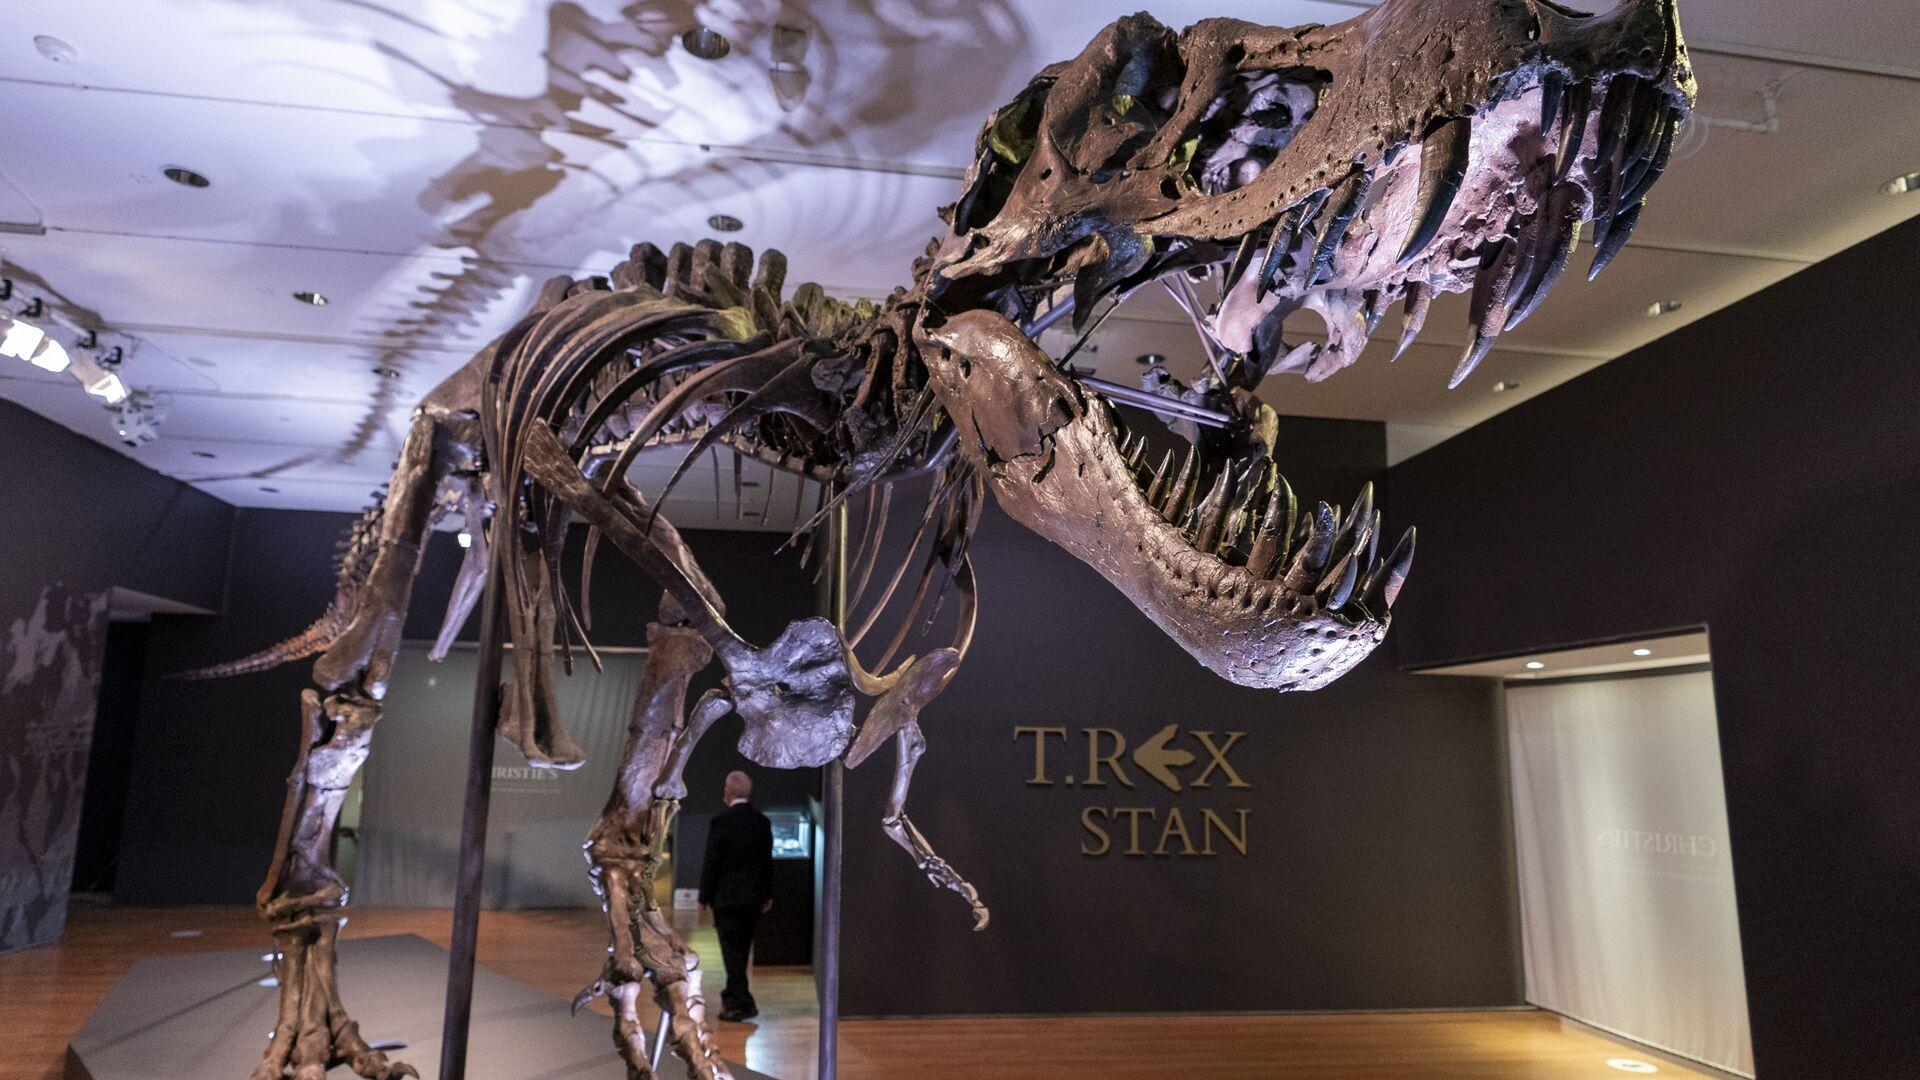 El esqueleto del dinosaurio T-Rex apodado Stan - Sputnik Mundo, 1920, 28.09.2021